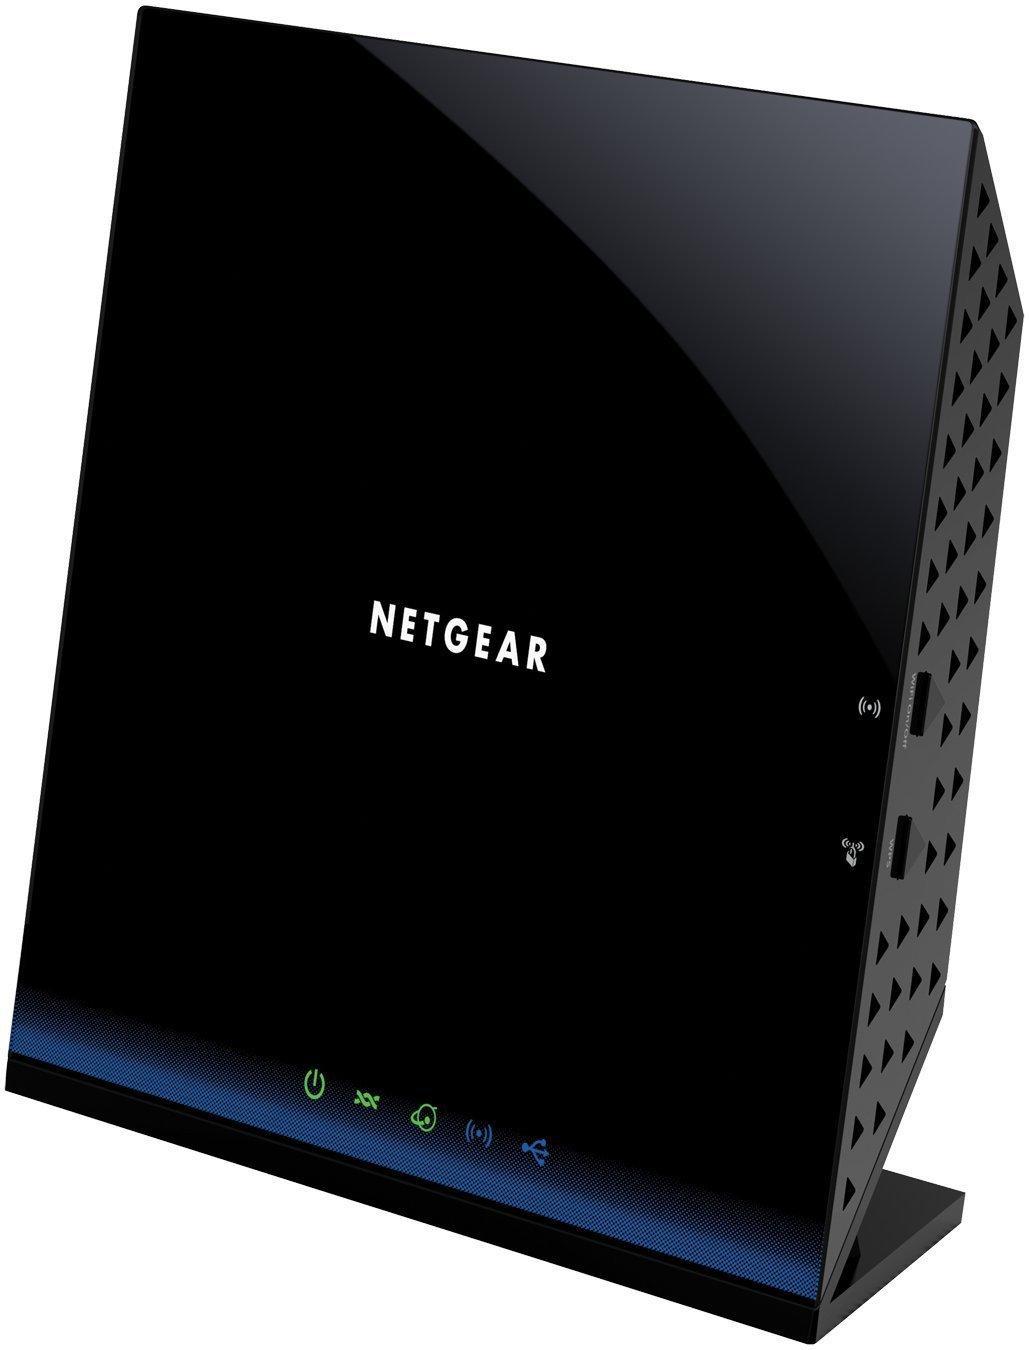 Routeur Netgear D6200-100PES Wi-Fi 8C Dual Band Noir - 1200Mbps, 4 Ports Gibabit, 1 Port USB